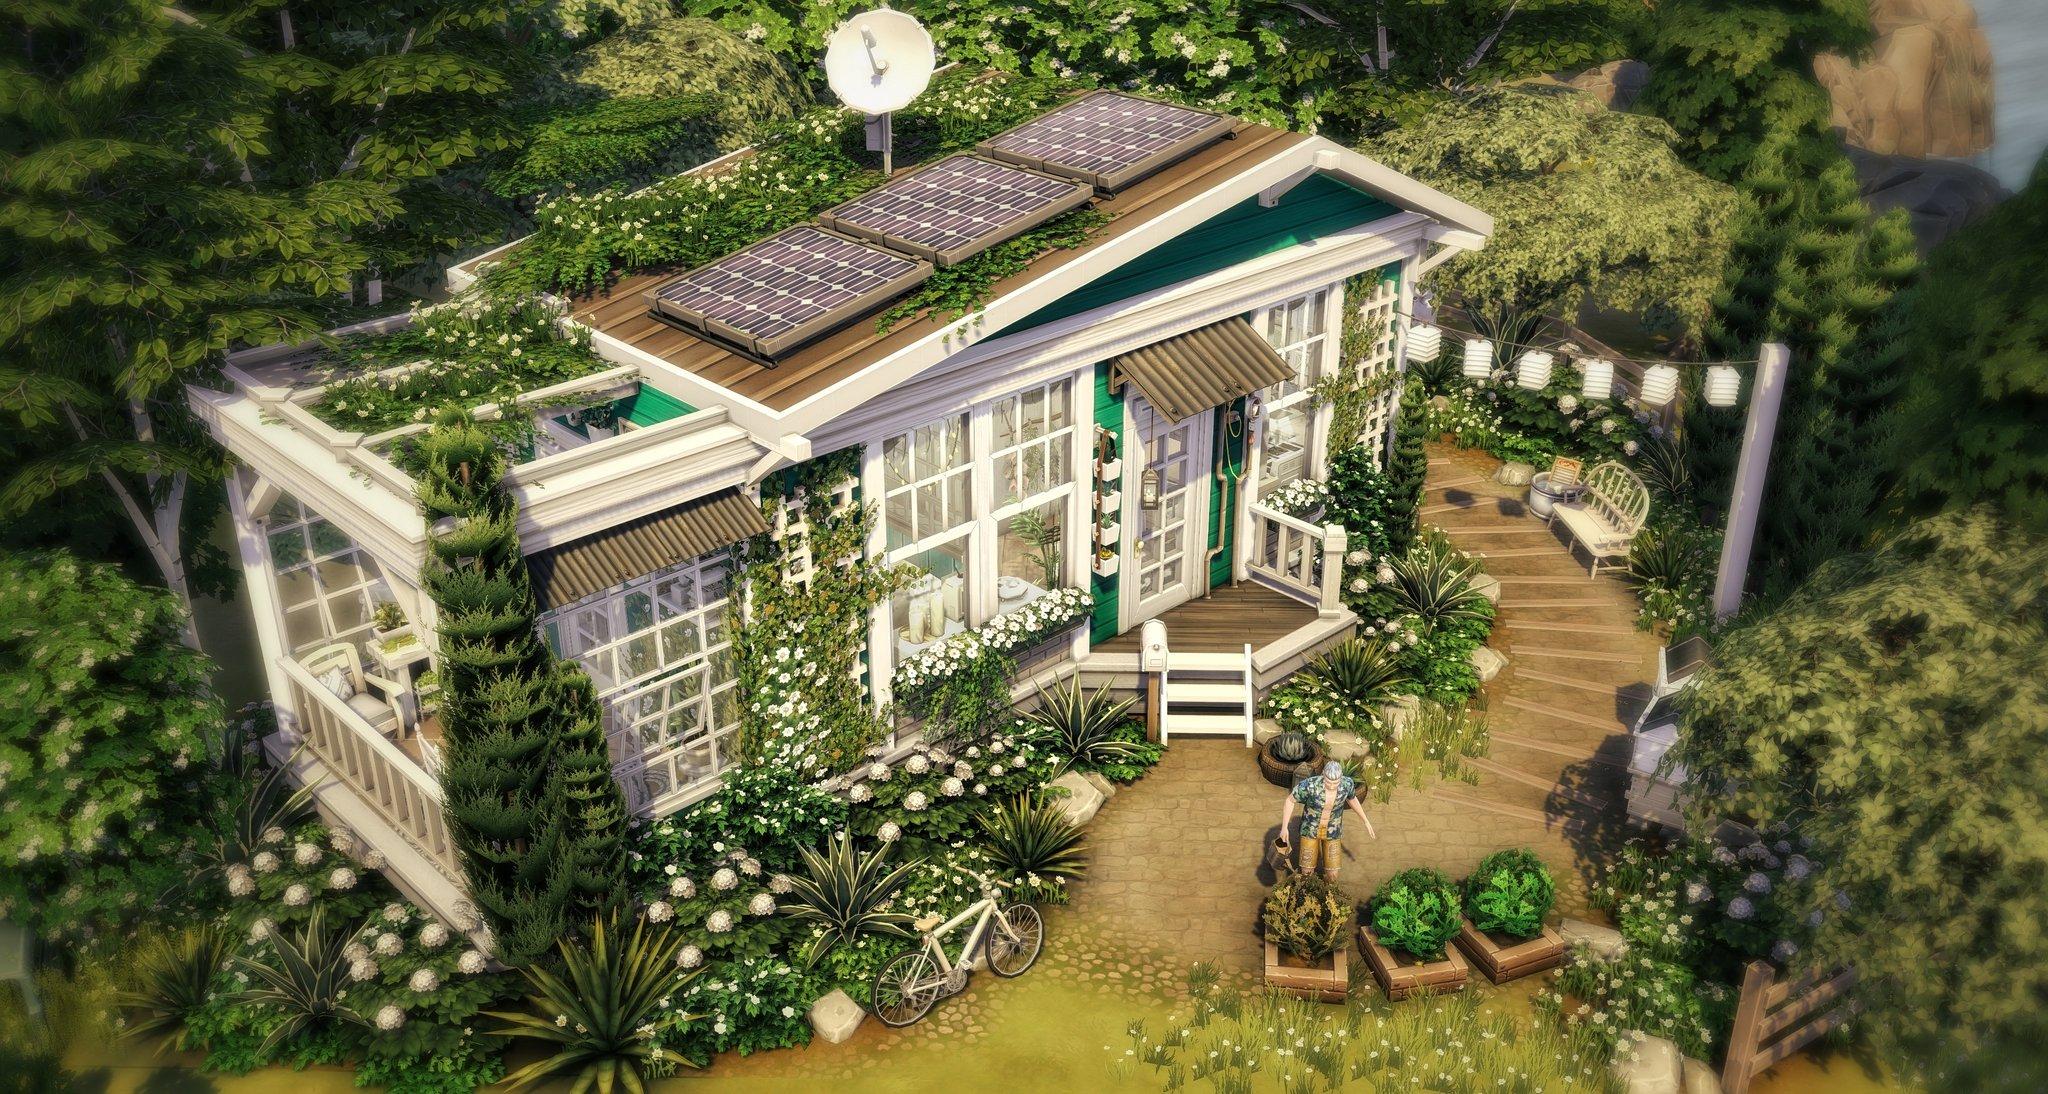 Petite Maison Durable Telechargement Terrain Sims 4 Amaz Sims